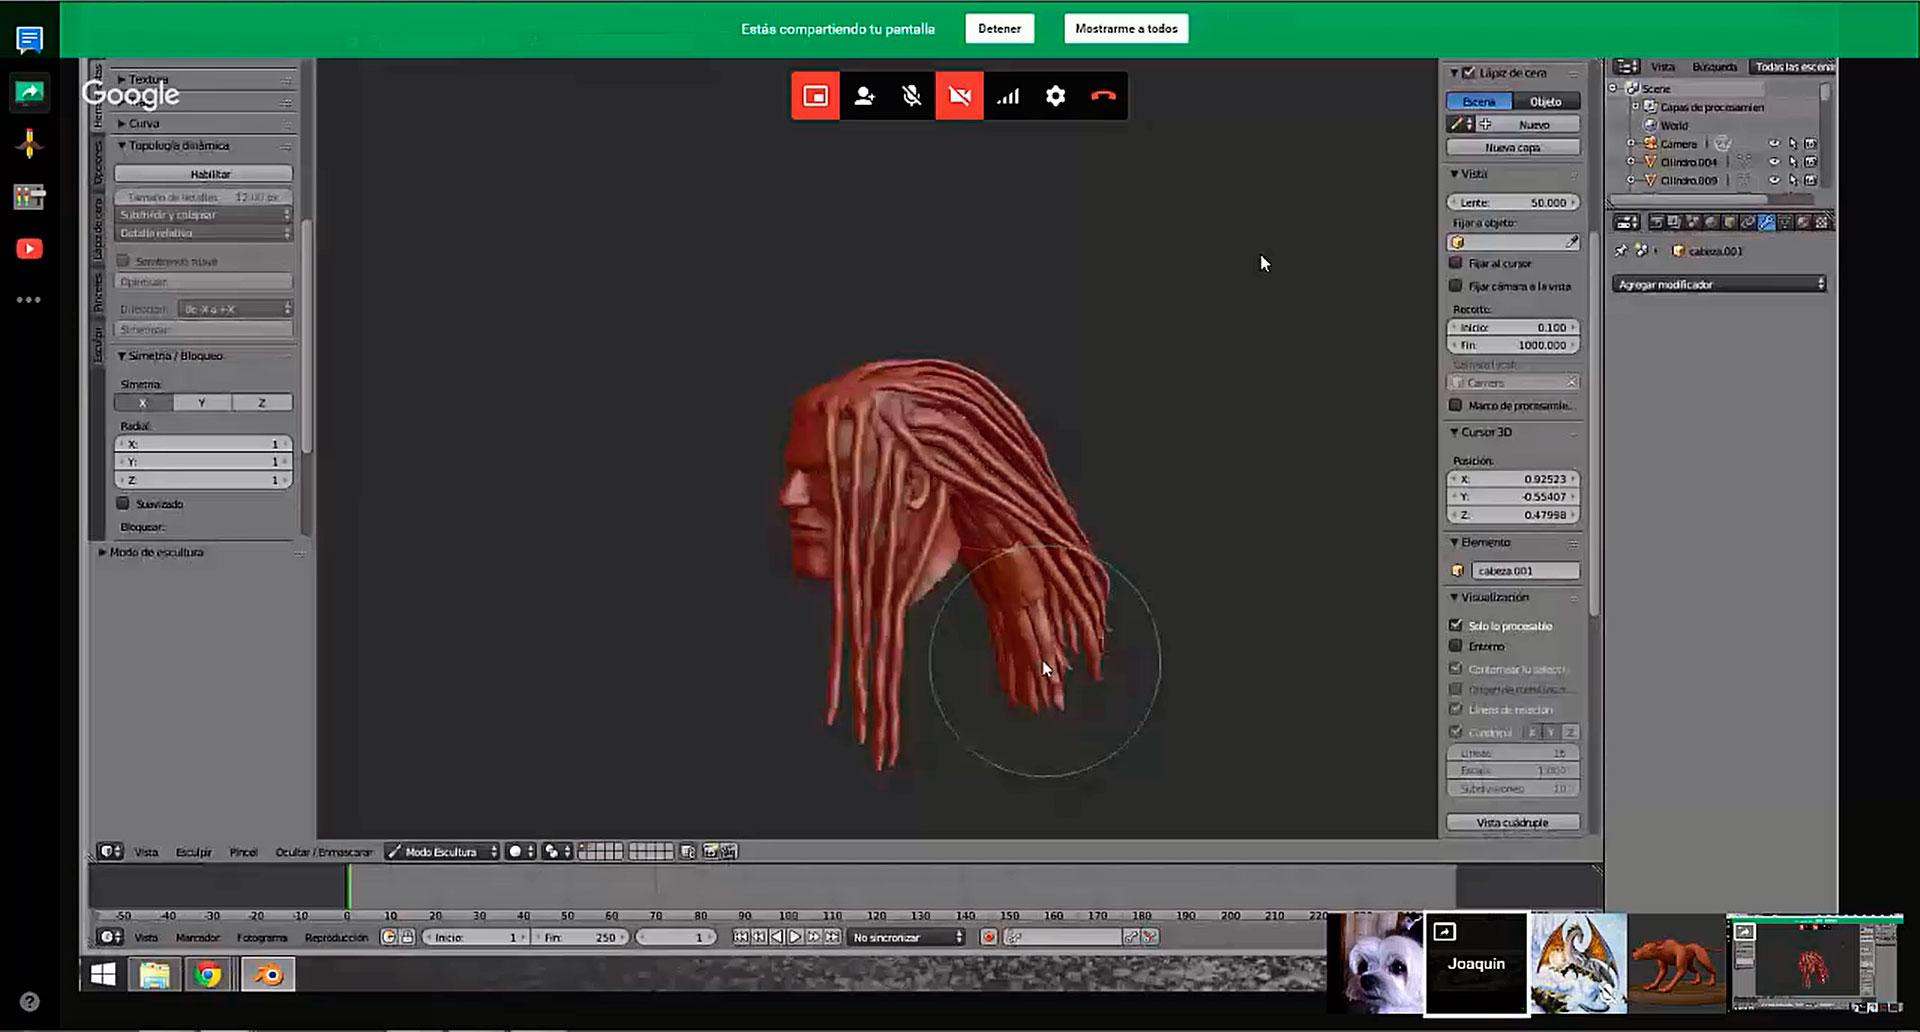 Presentación ihman 3d school-videoconferencias_captura.jpg